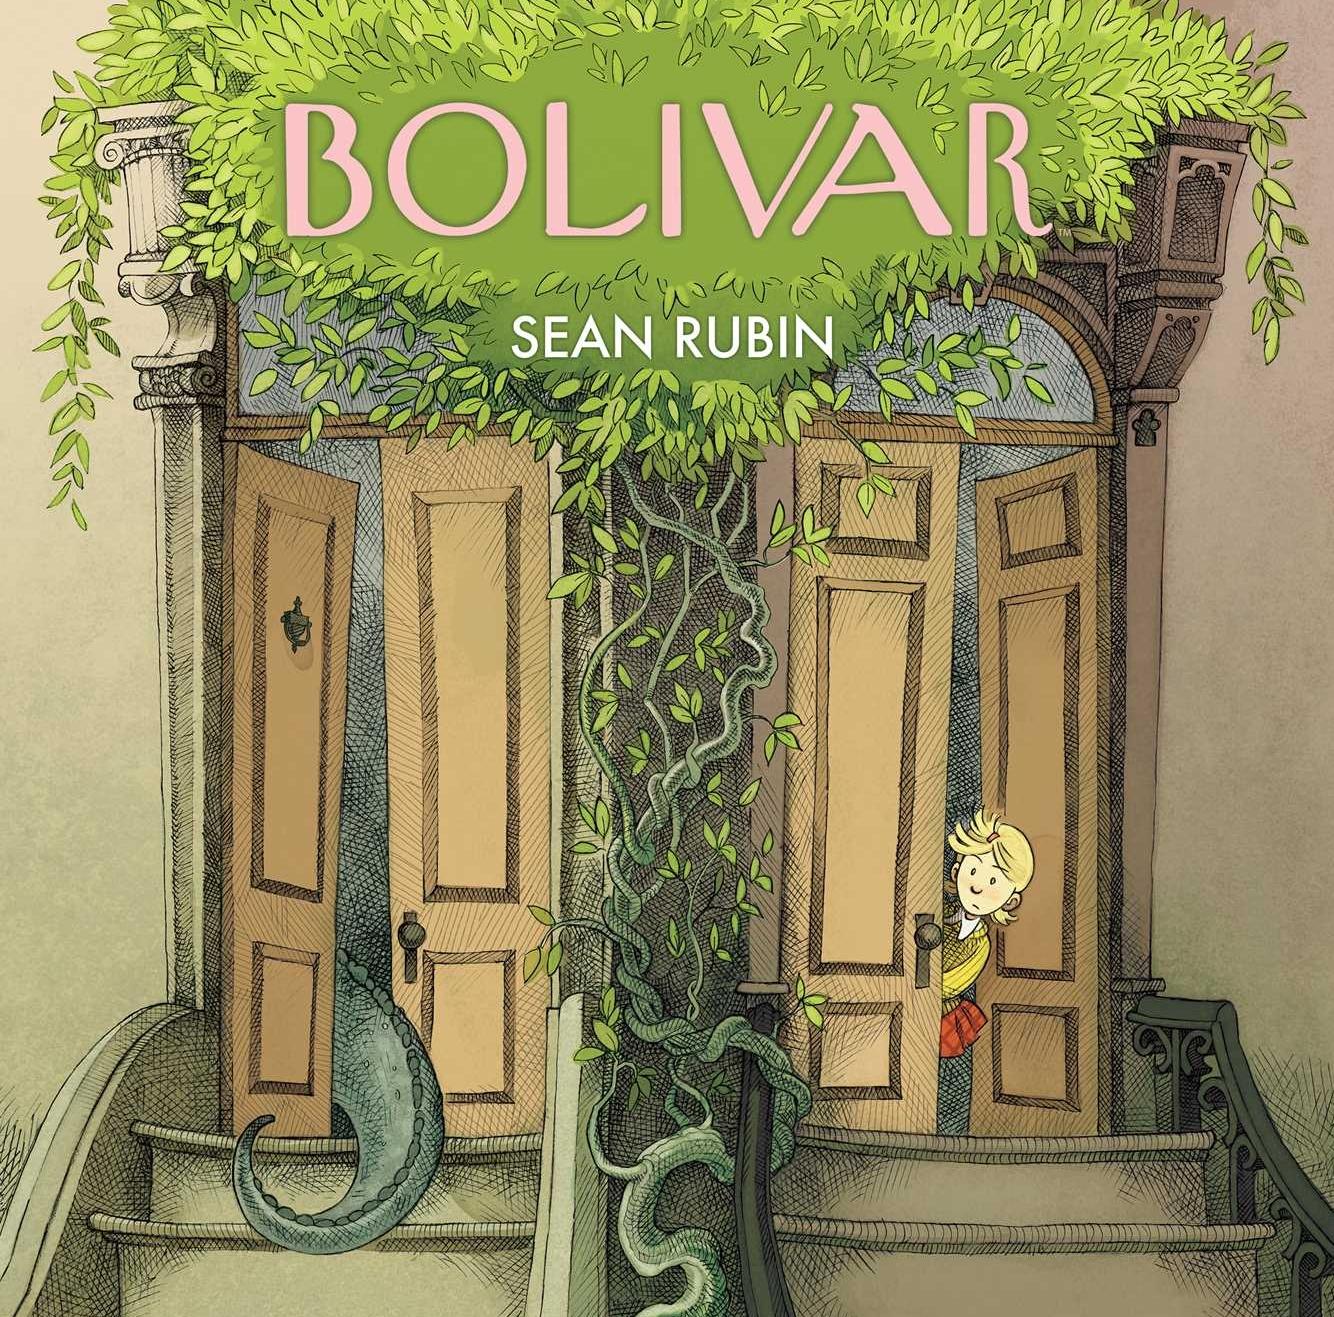 Bolivar by Sean Rubin